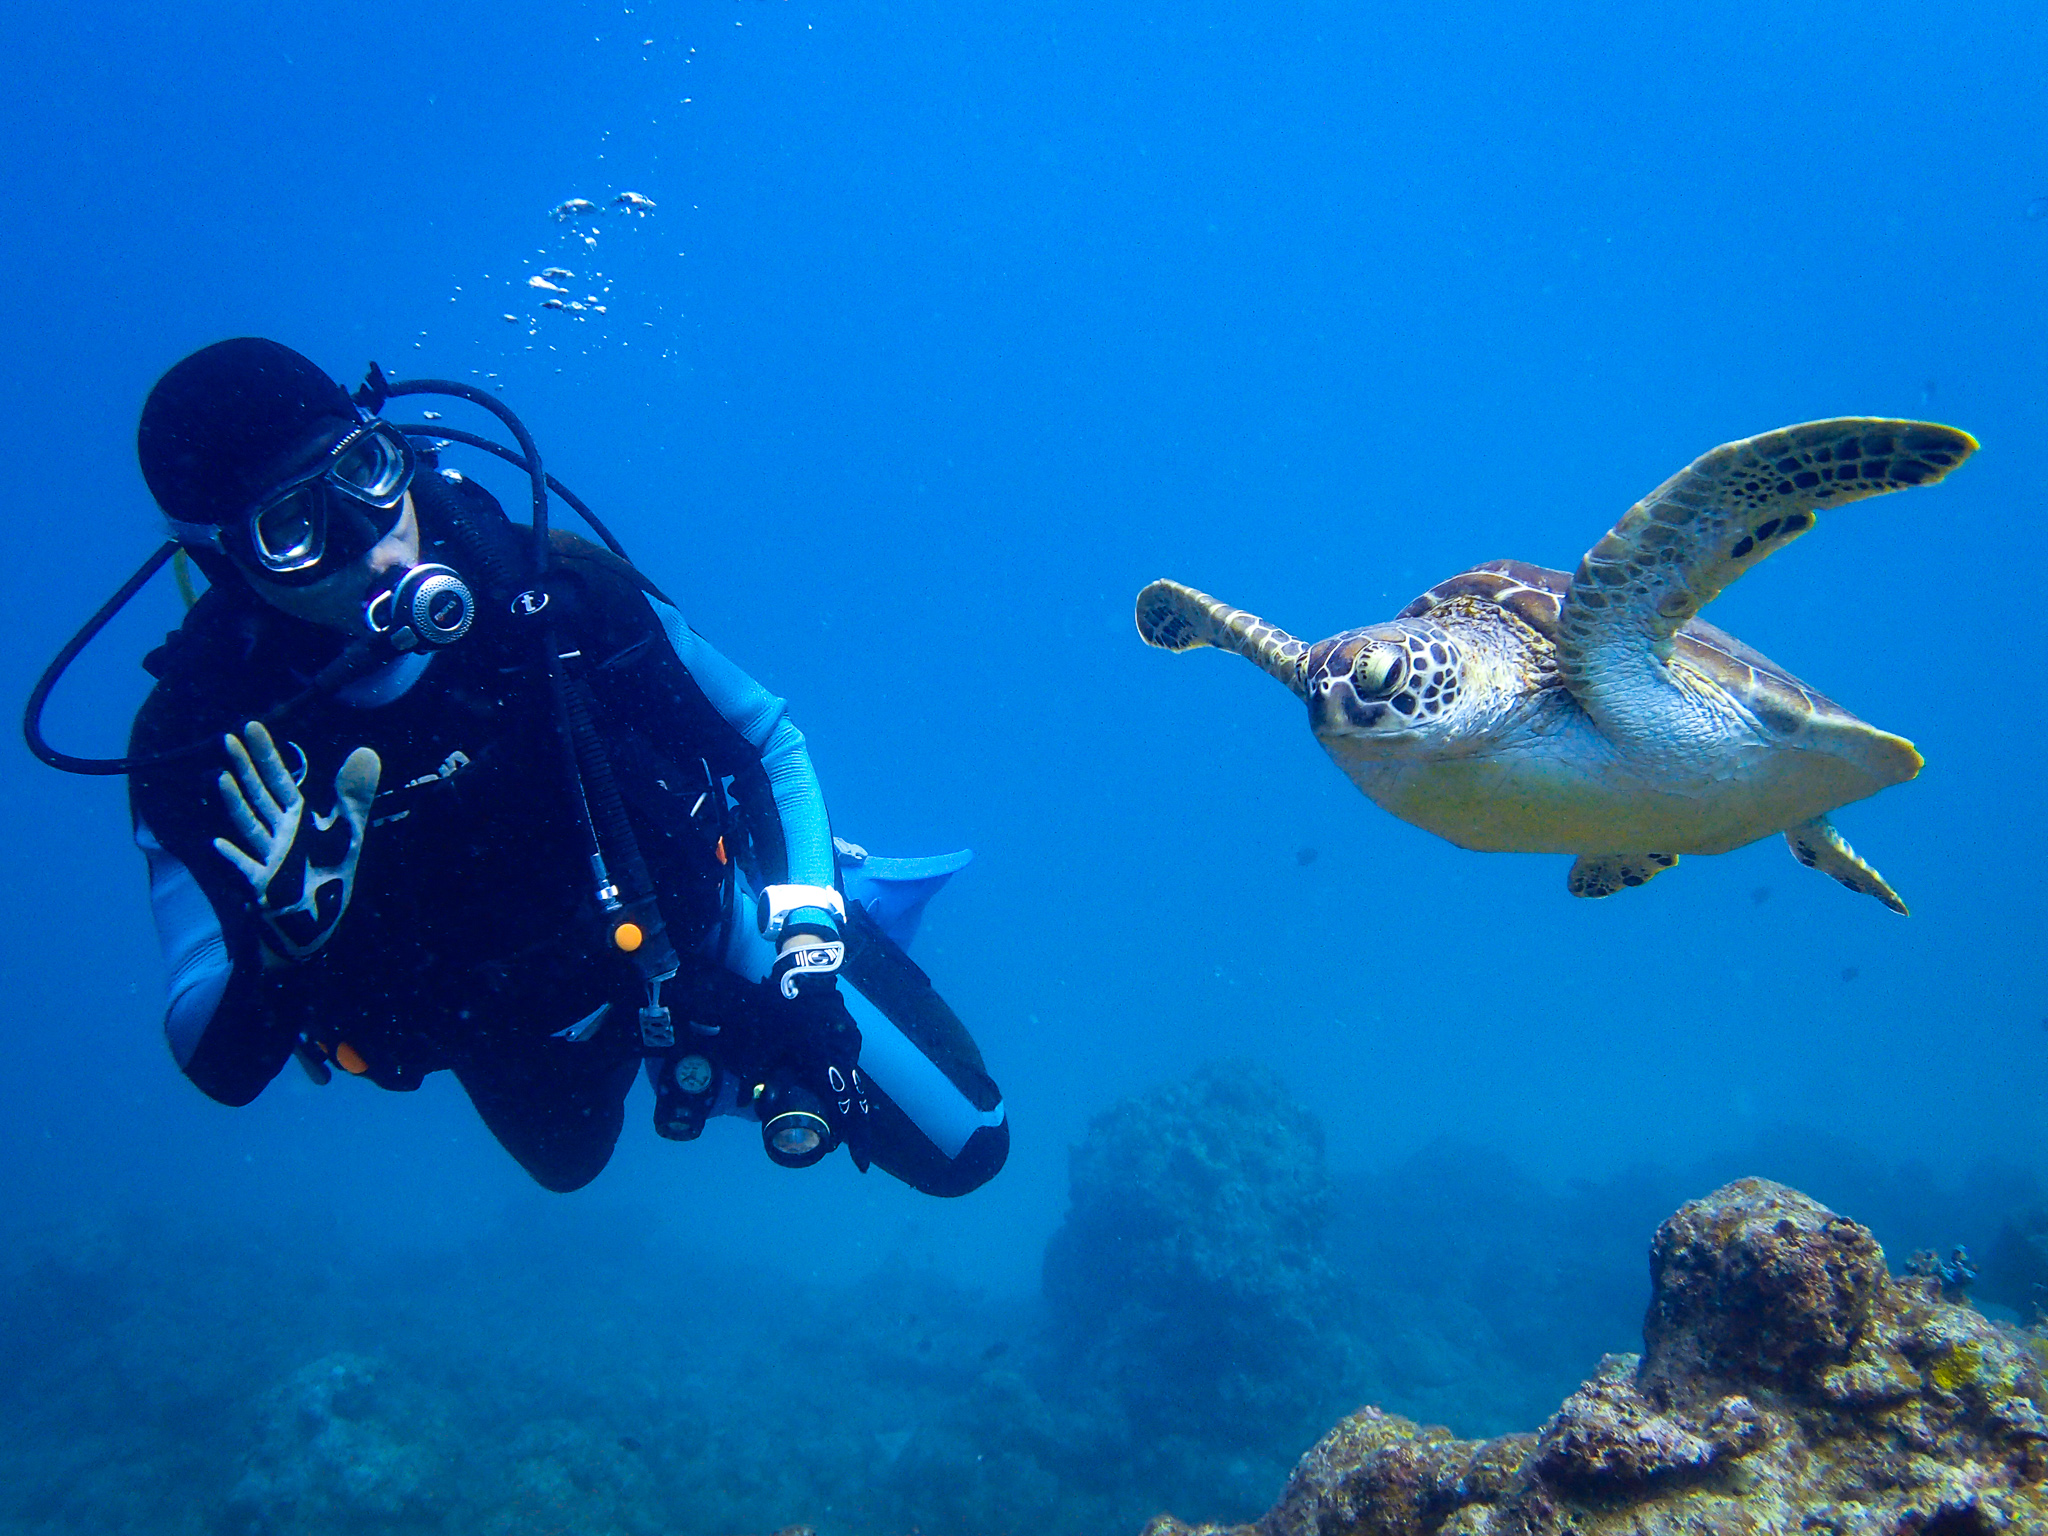 石垣島で7月に有名なウミガメダイビング